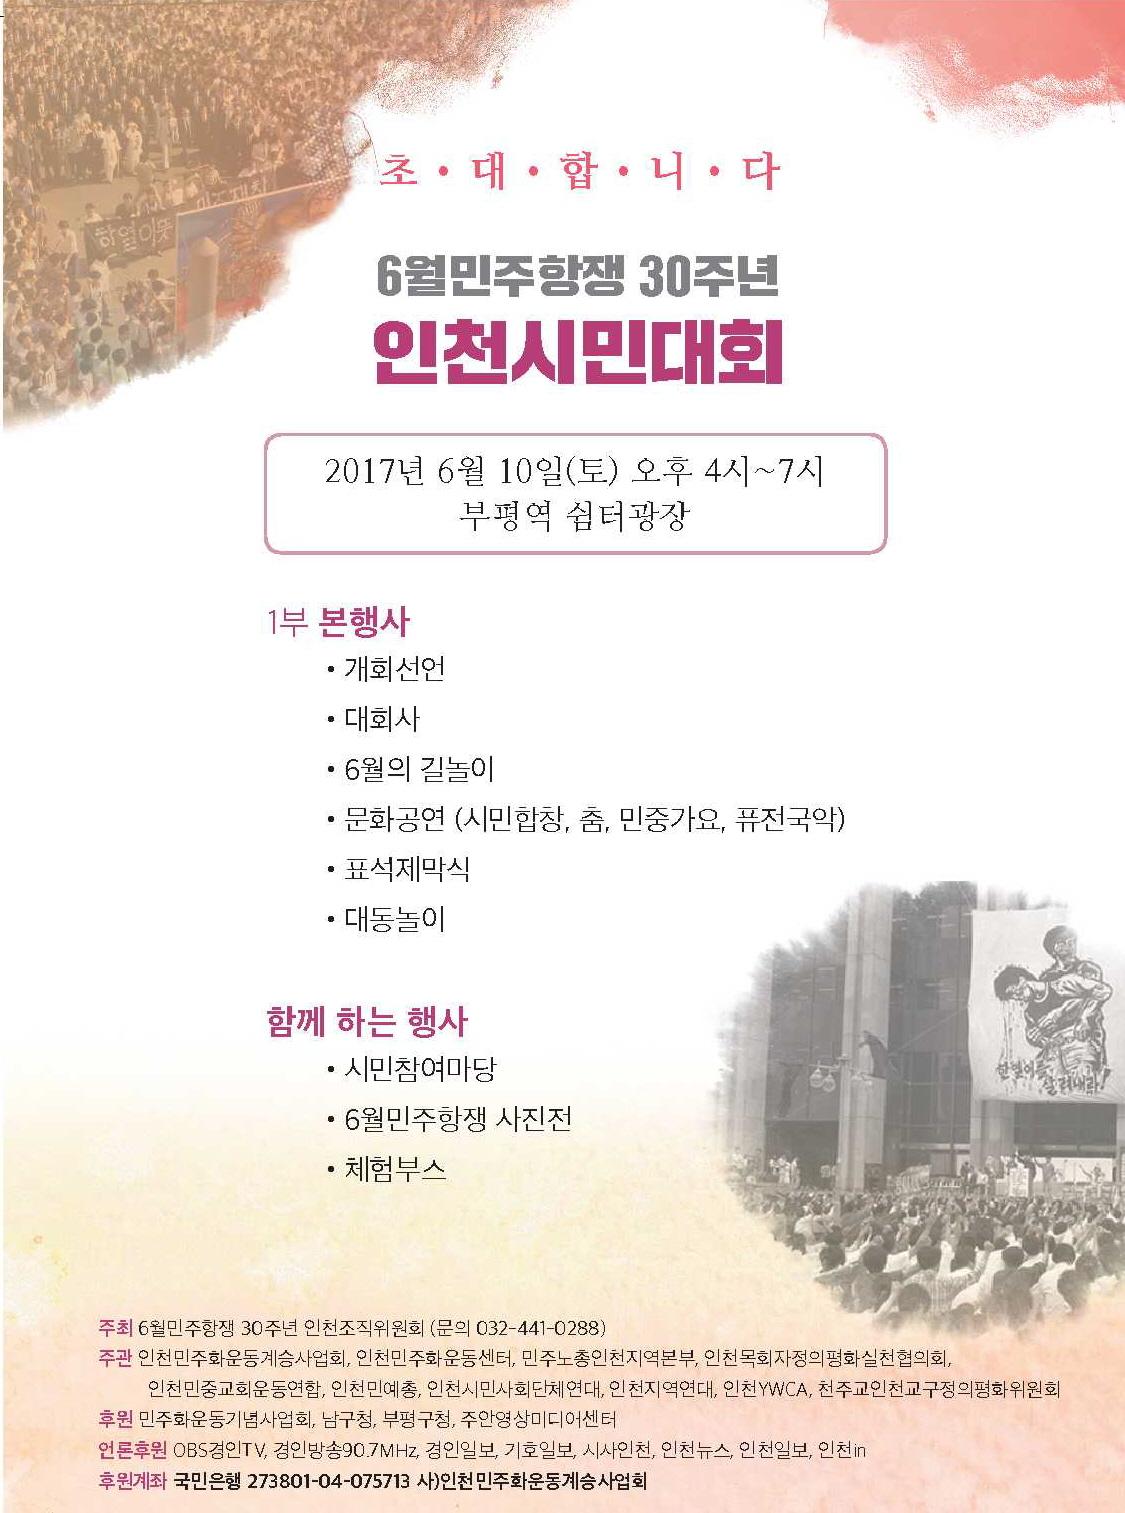 편집-0130주년_초대장_인쇄용(1)_2.jpg